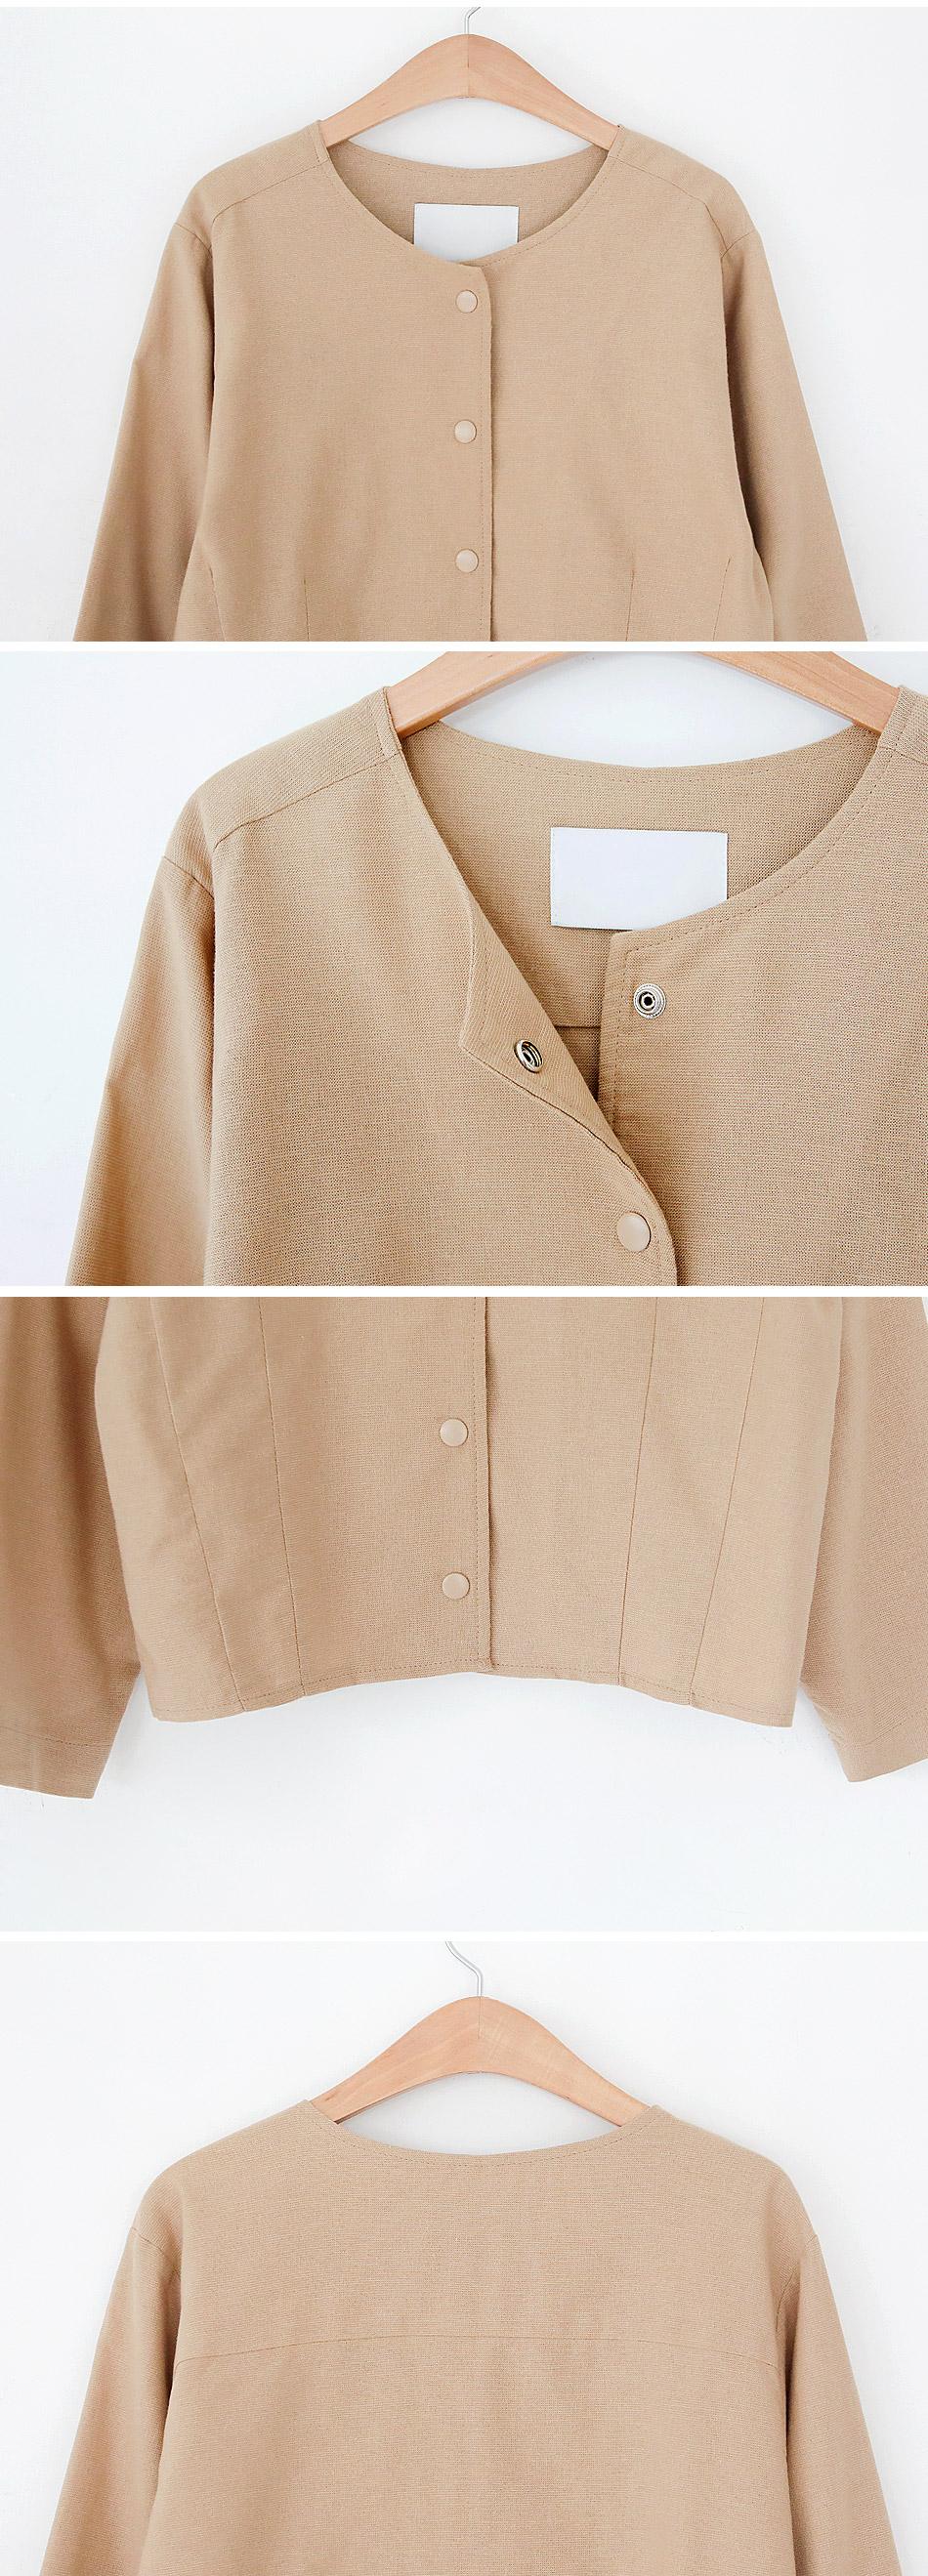 Ttoo Jacket